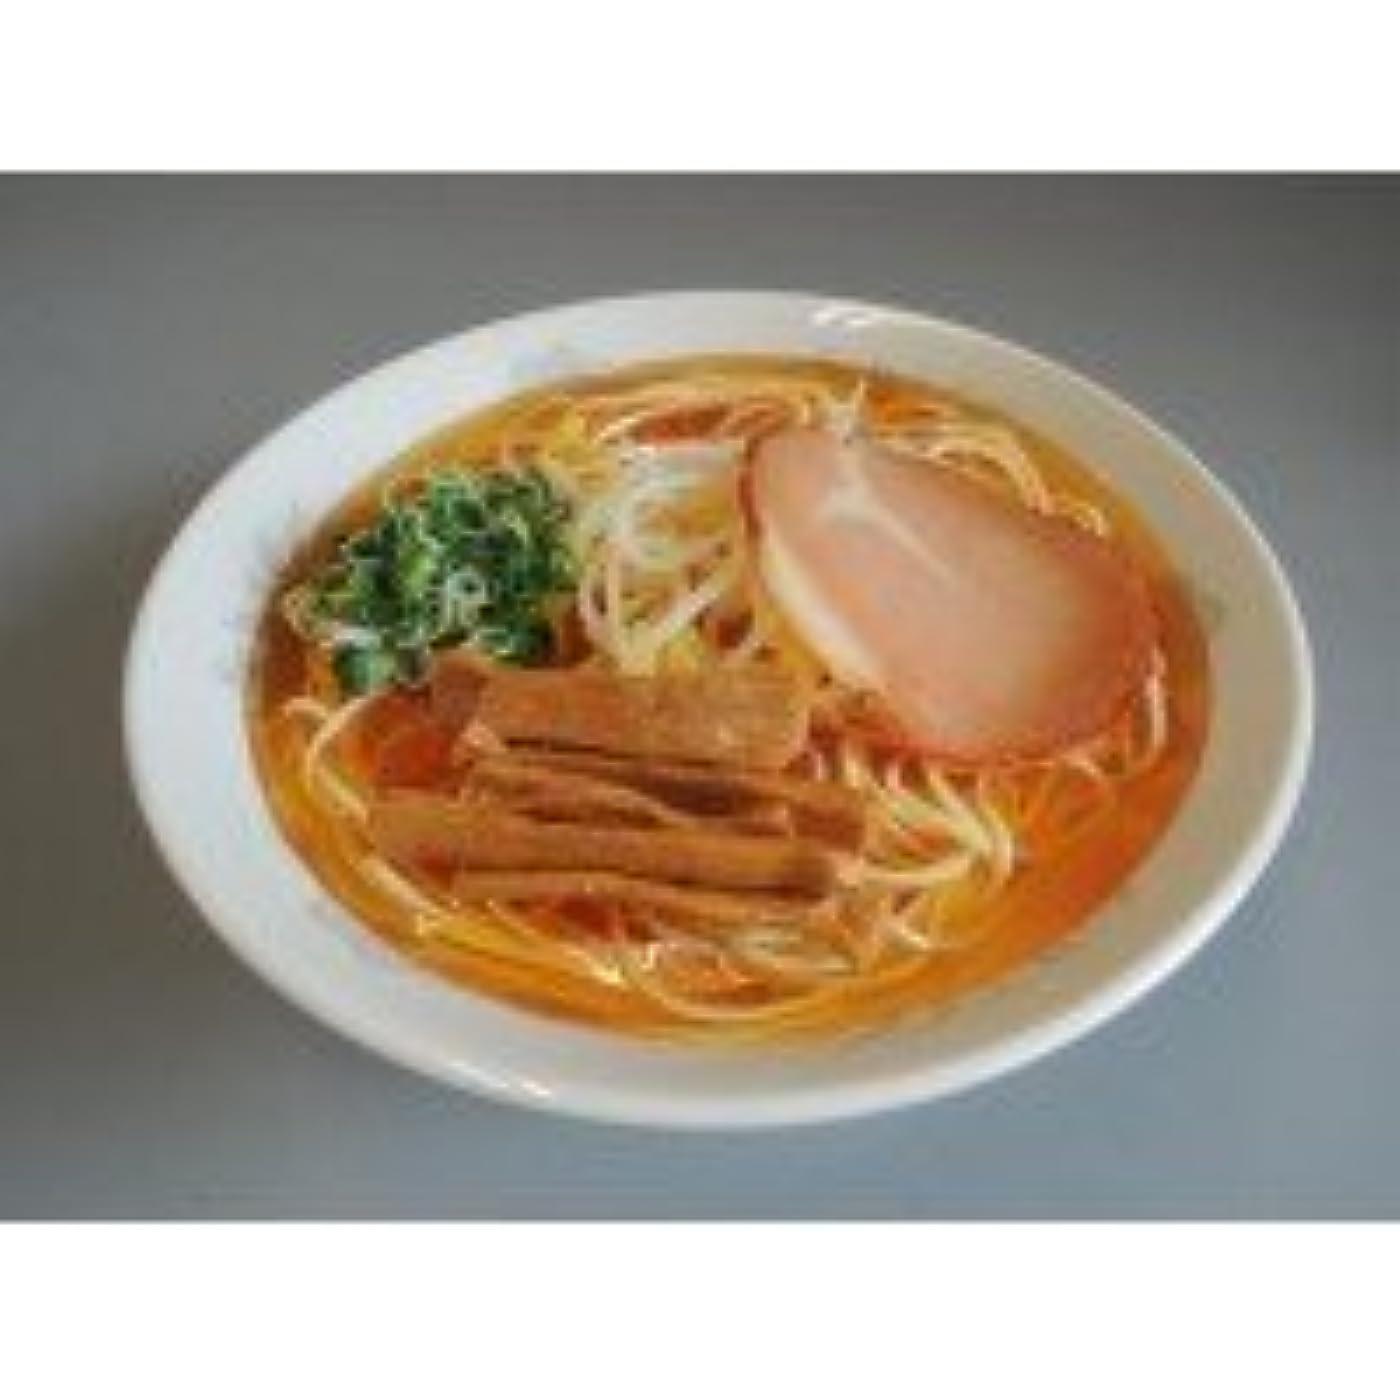 定義役に立つマイルド日本職人が作る 食品サンプル ラーメン IP-163